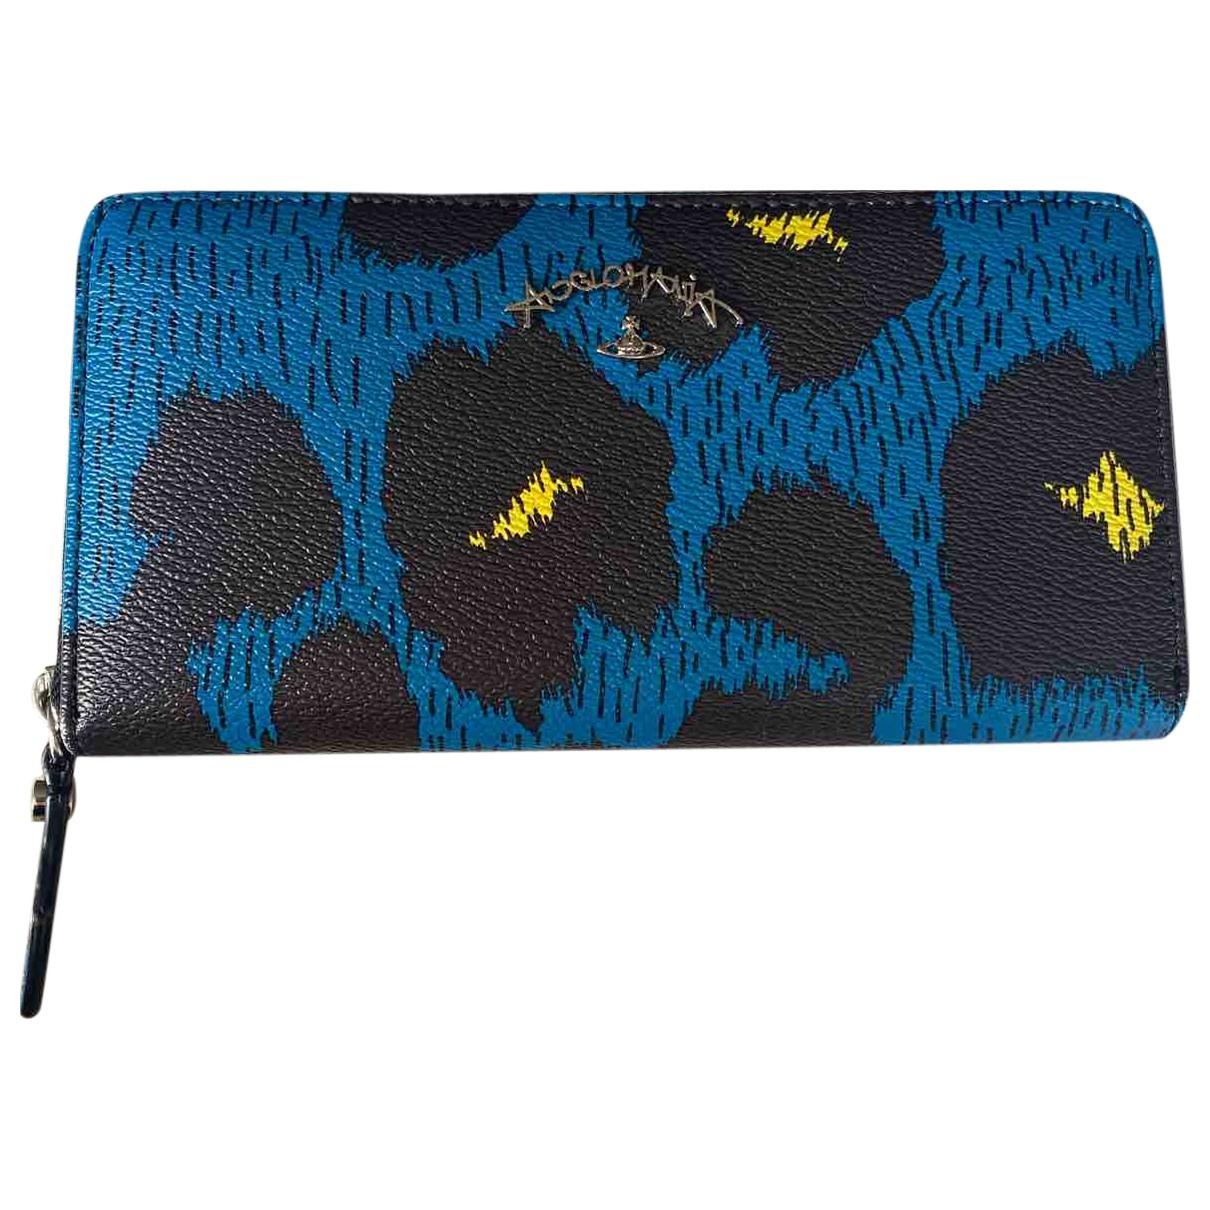 Vivienne Westwood - Petite maroquinerie   pour femme - bleu